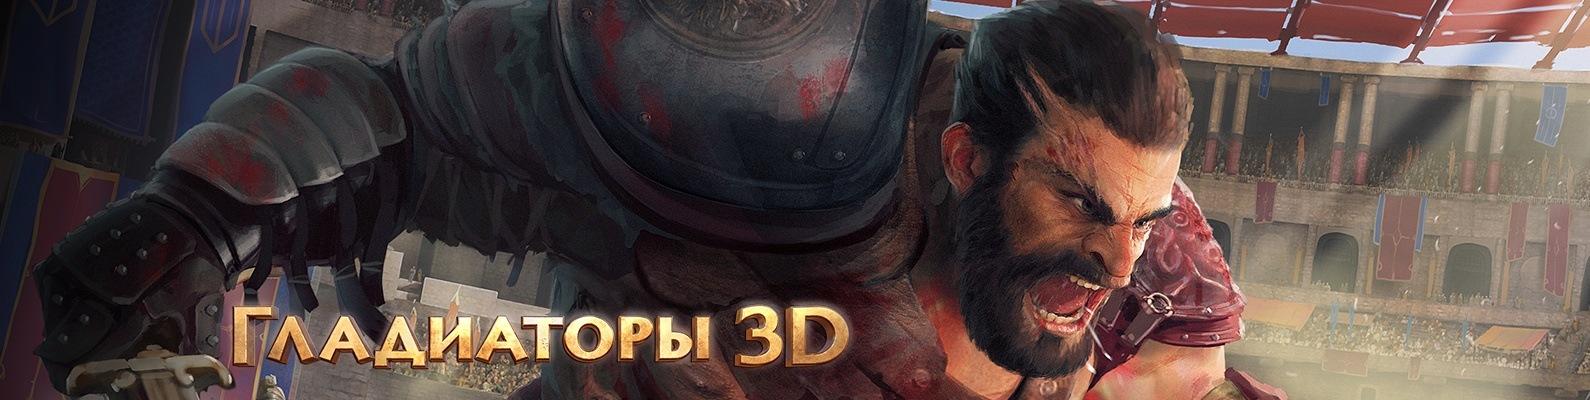 Гей 3d флеш игра